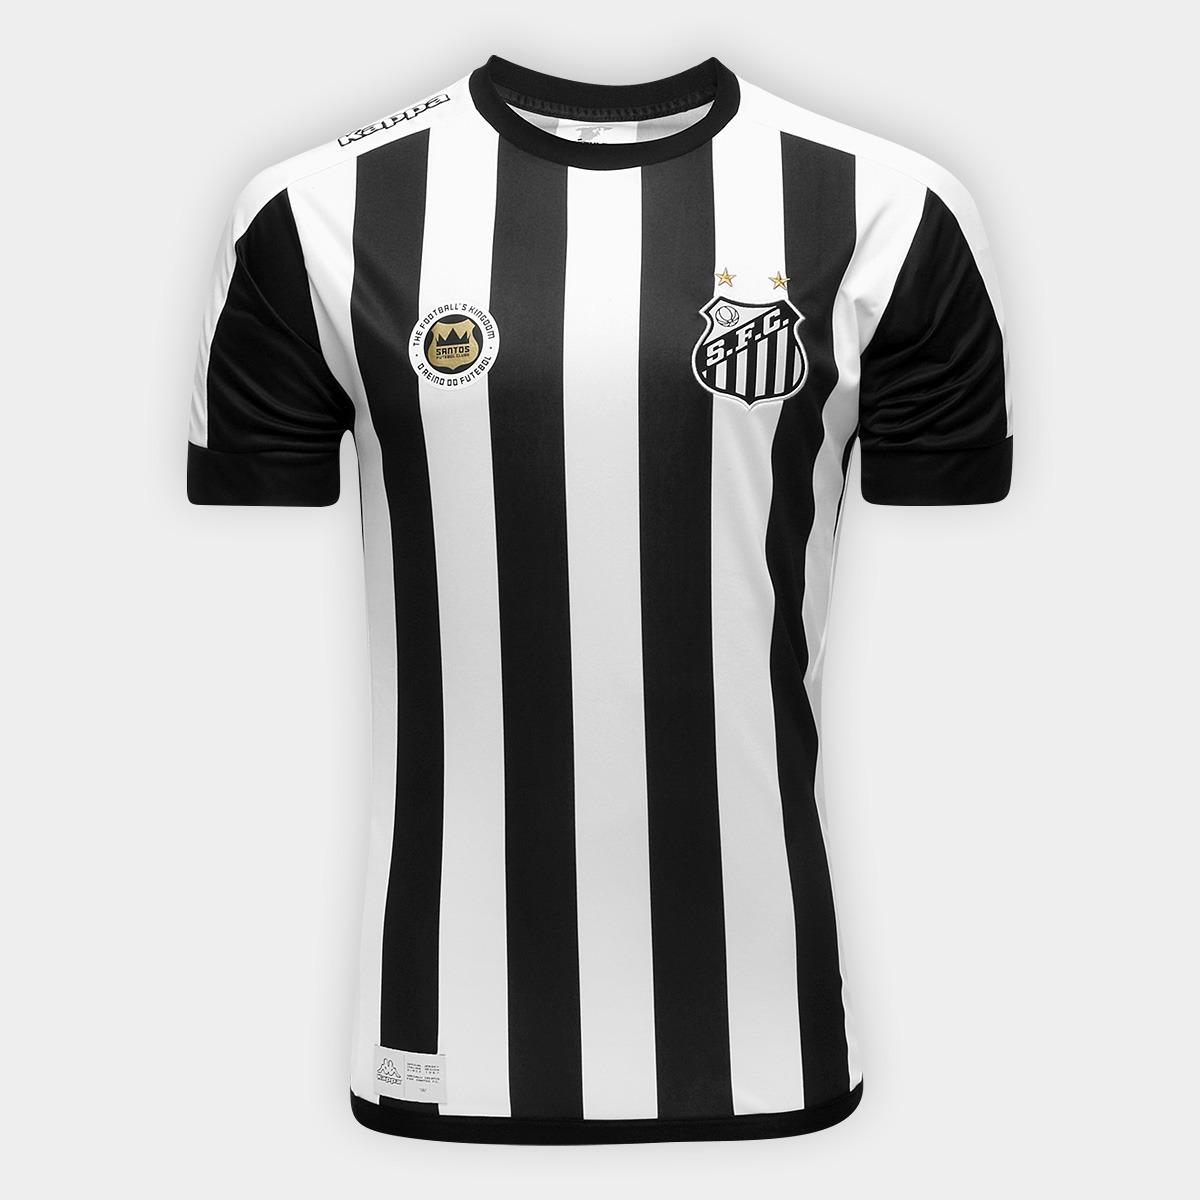 59b0db3225 O U T L E T 049 - Camisa Santos Oficial Kappa Away 2017 2018 - R  88 ...